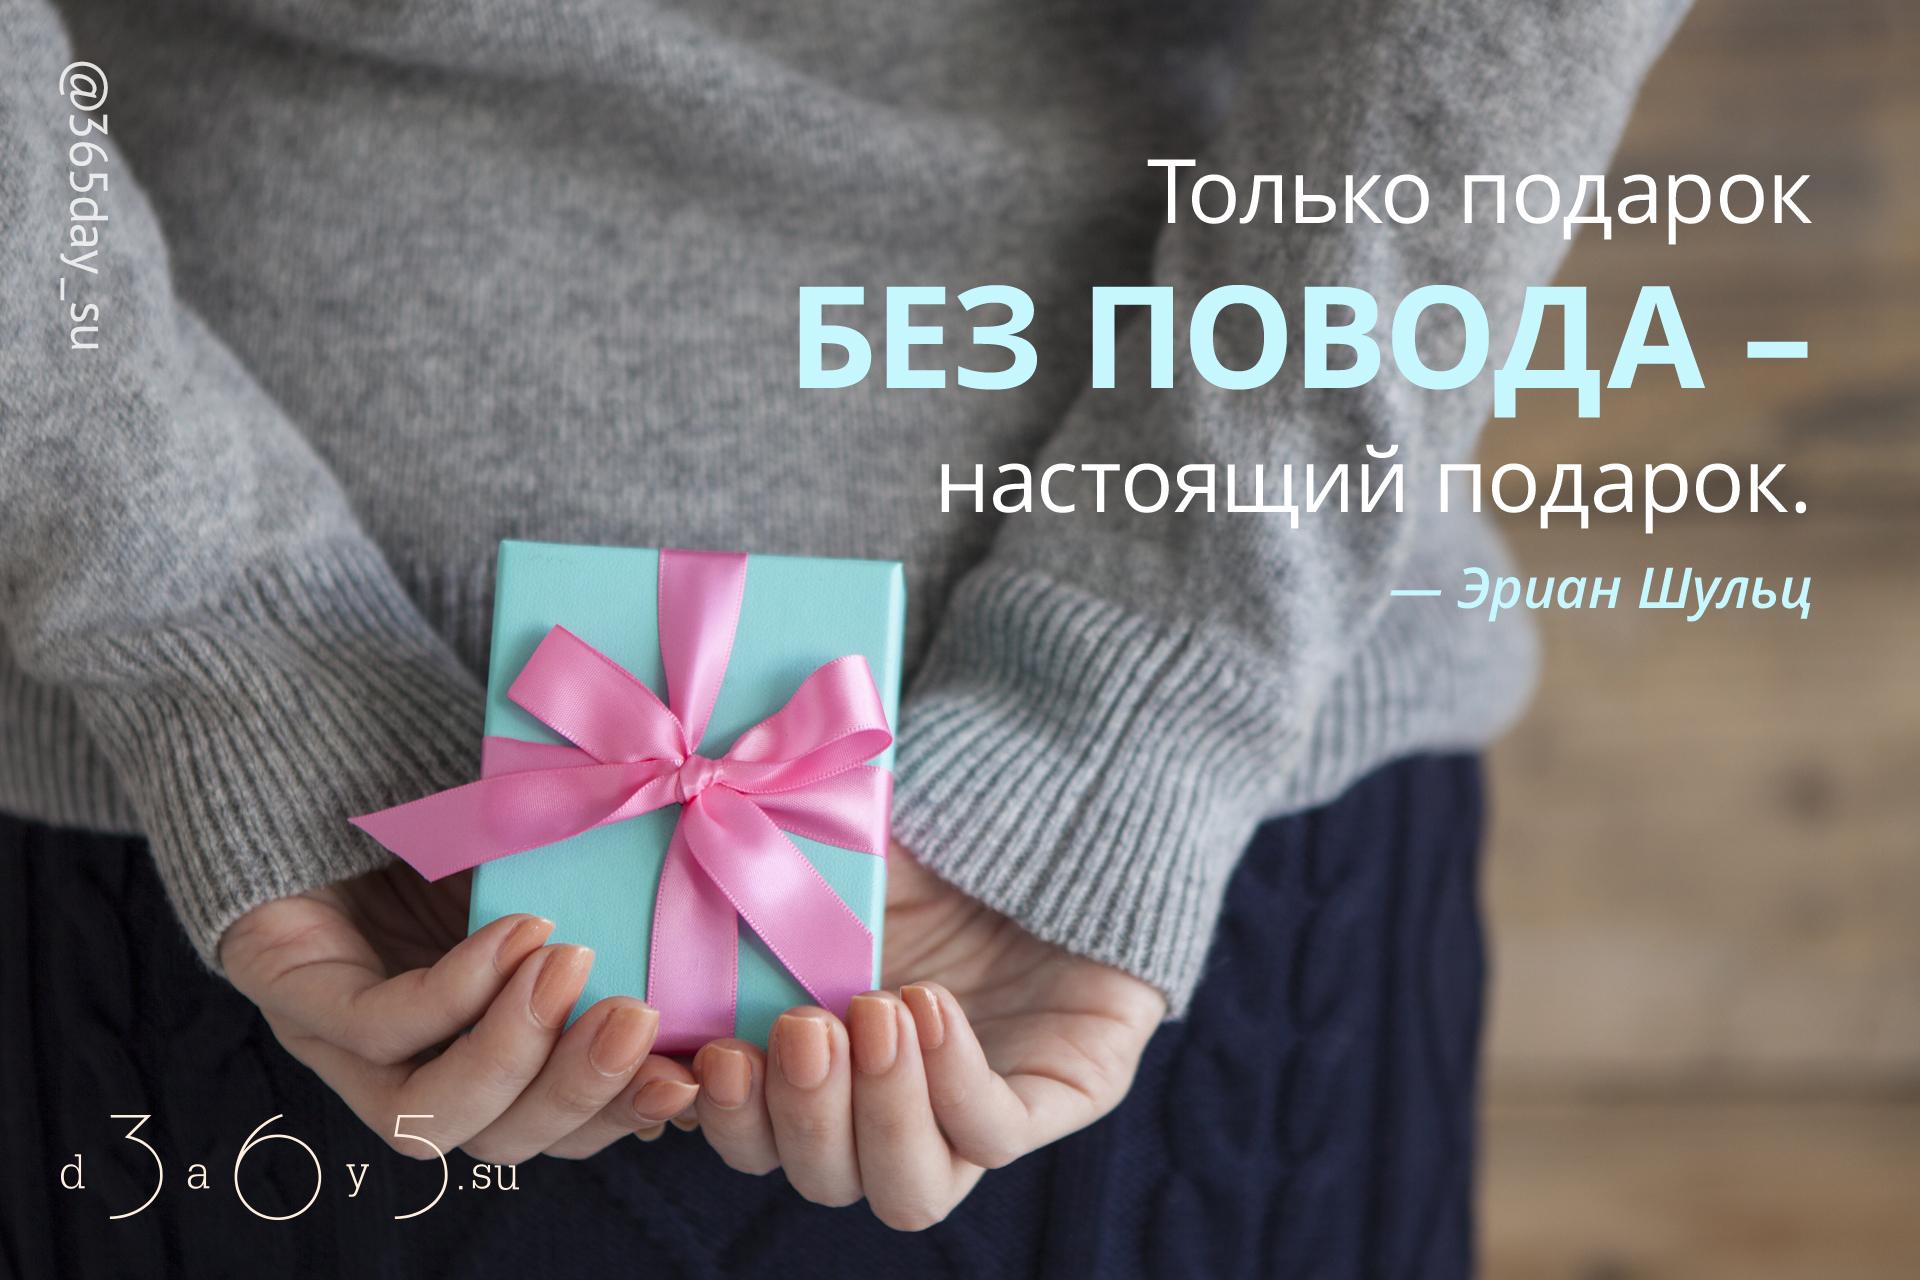 Фразы о подарках с картинками